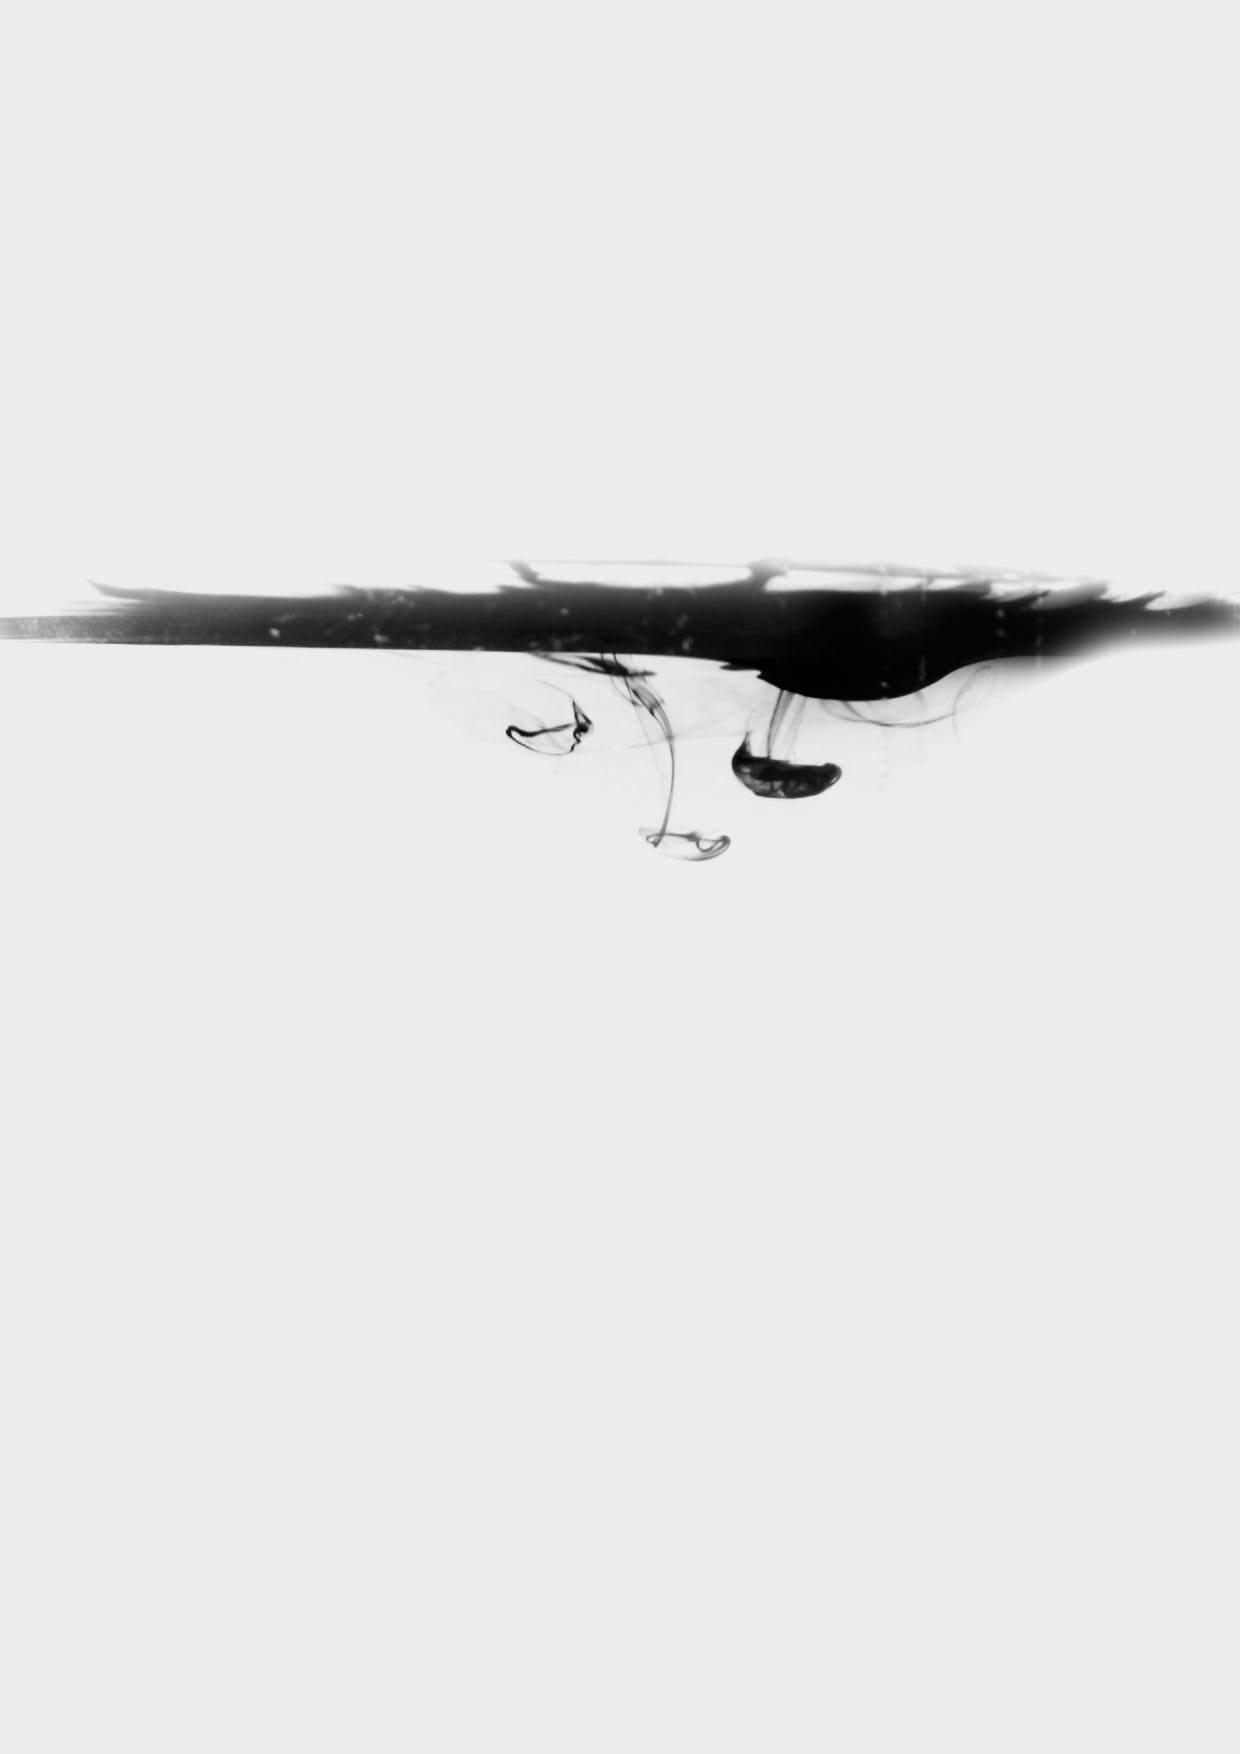 Feifei feng photography floating ink c1